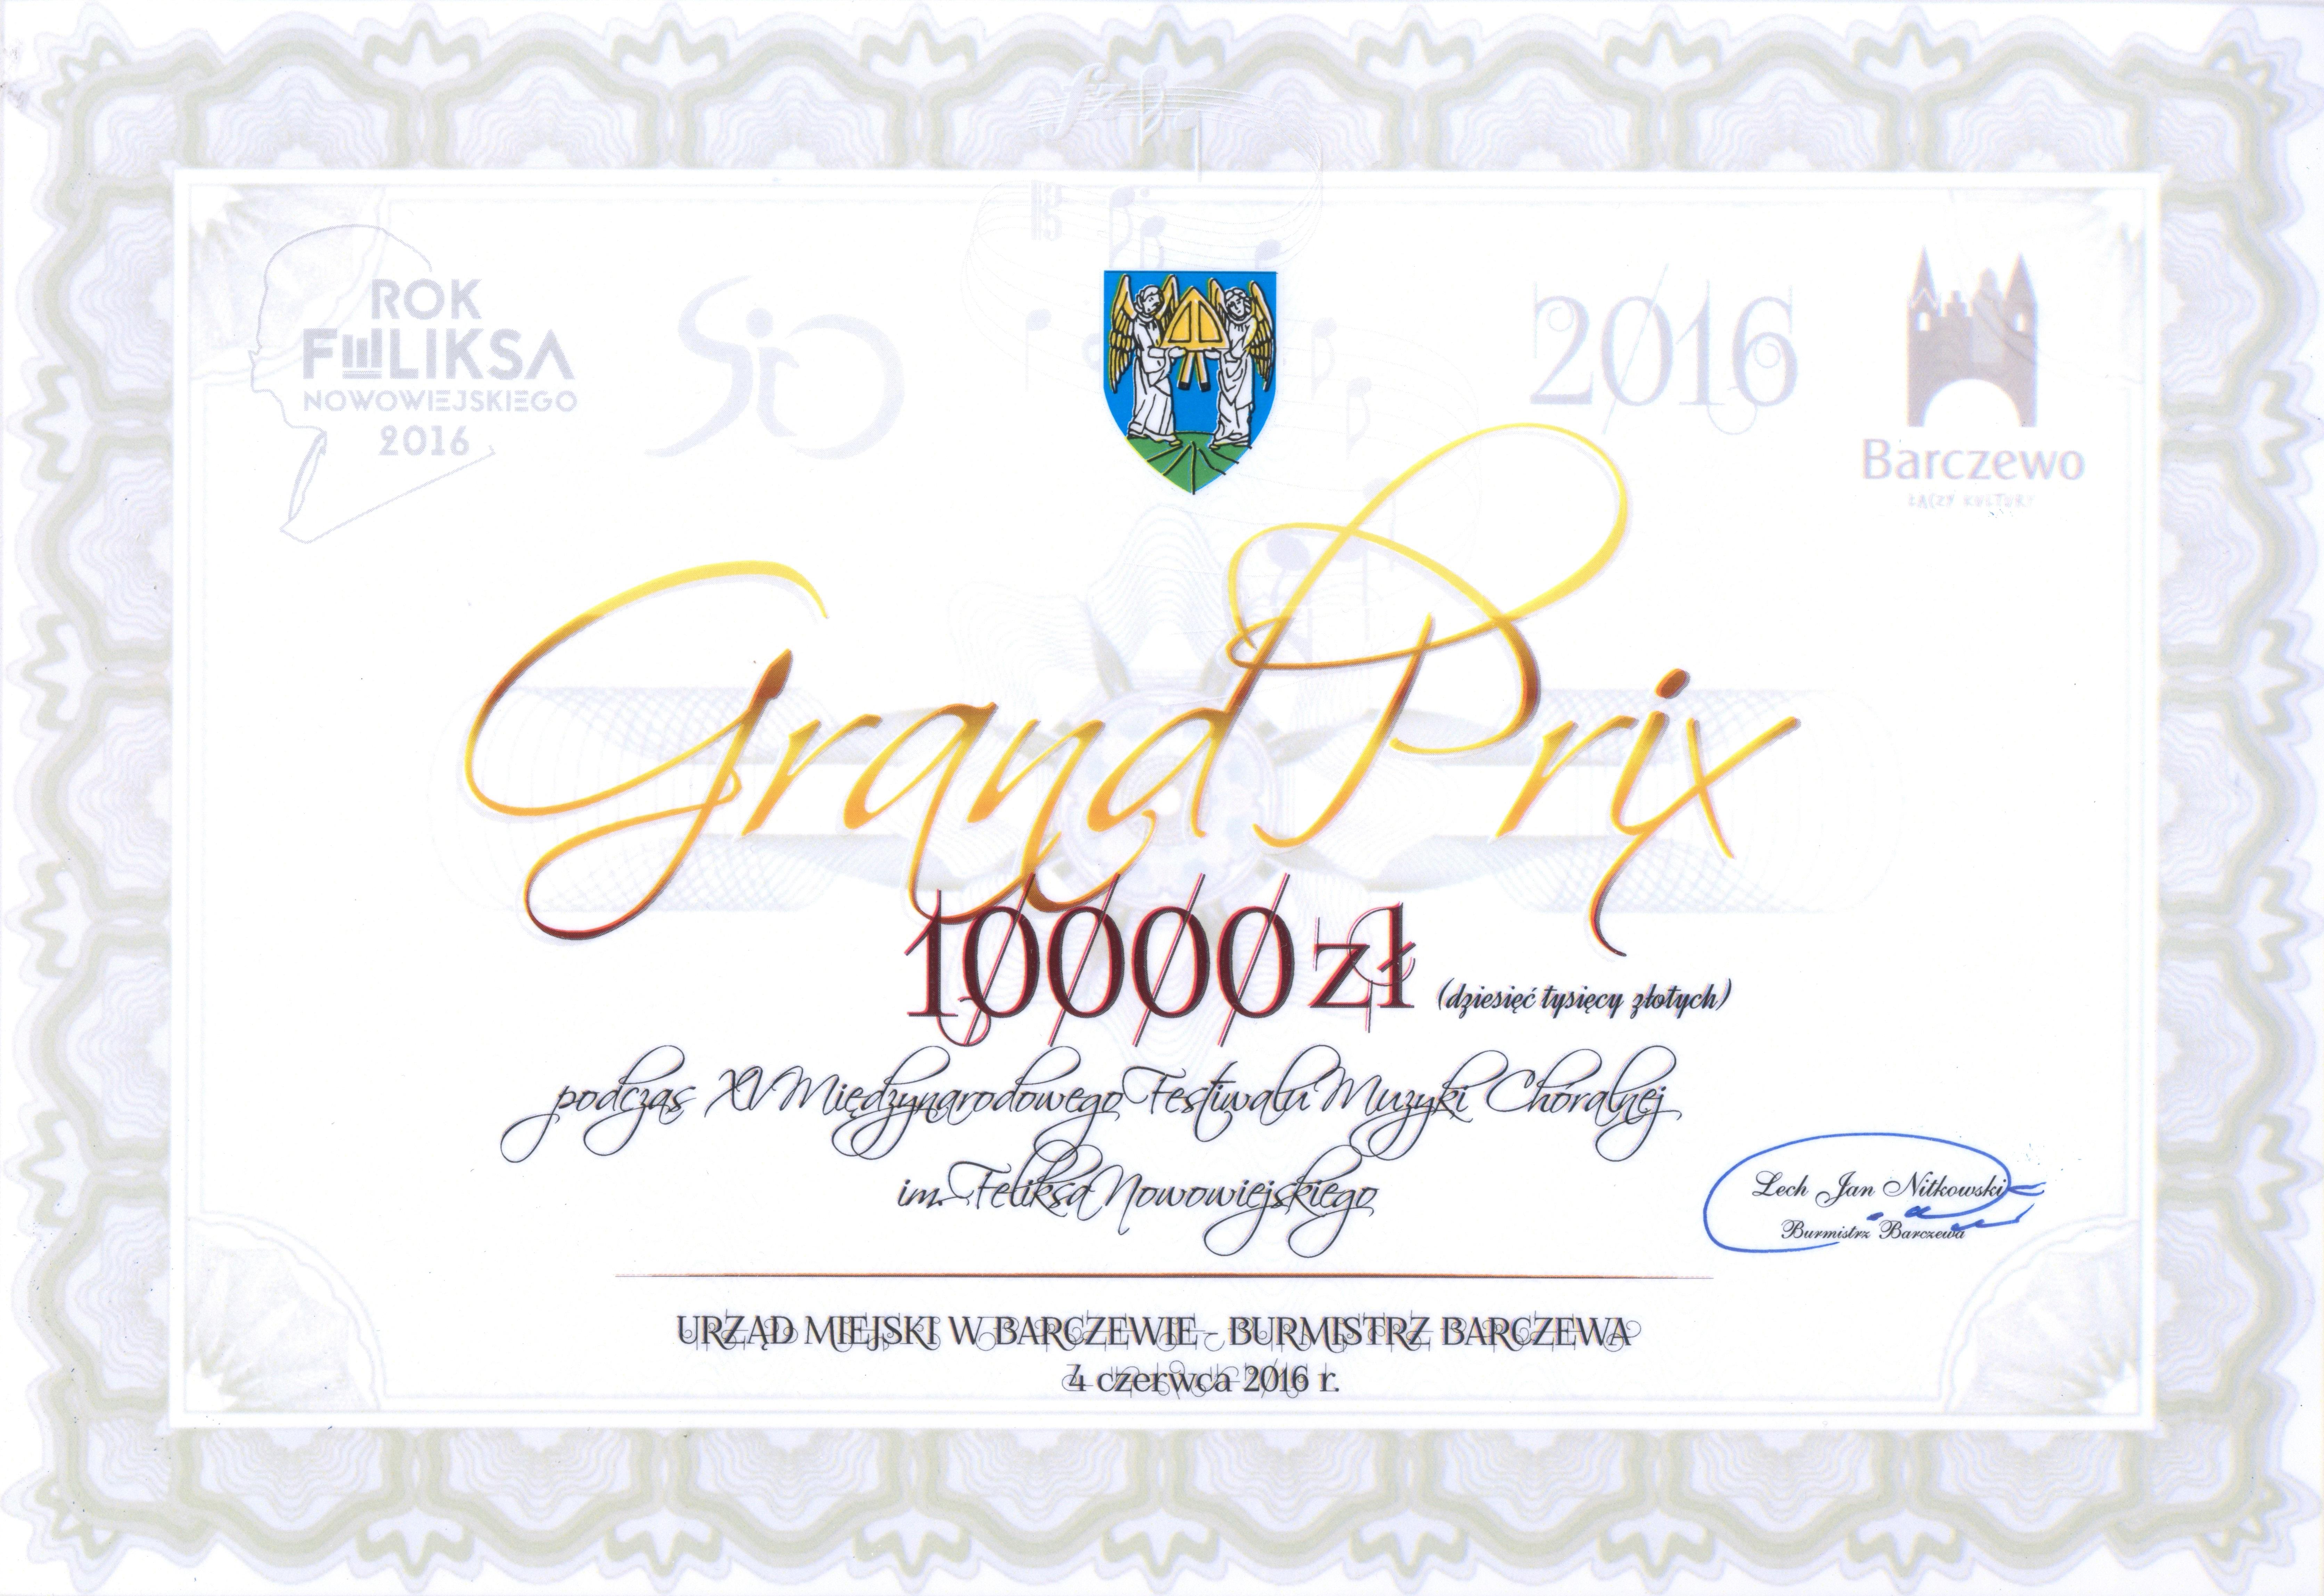 UG_Grand_Prix_nagroda_finans_Barczewo_2016